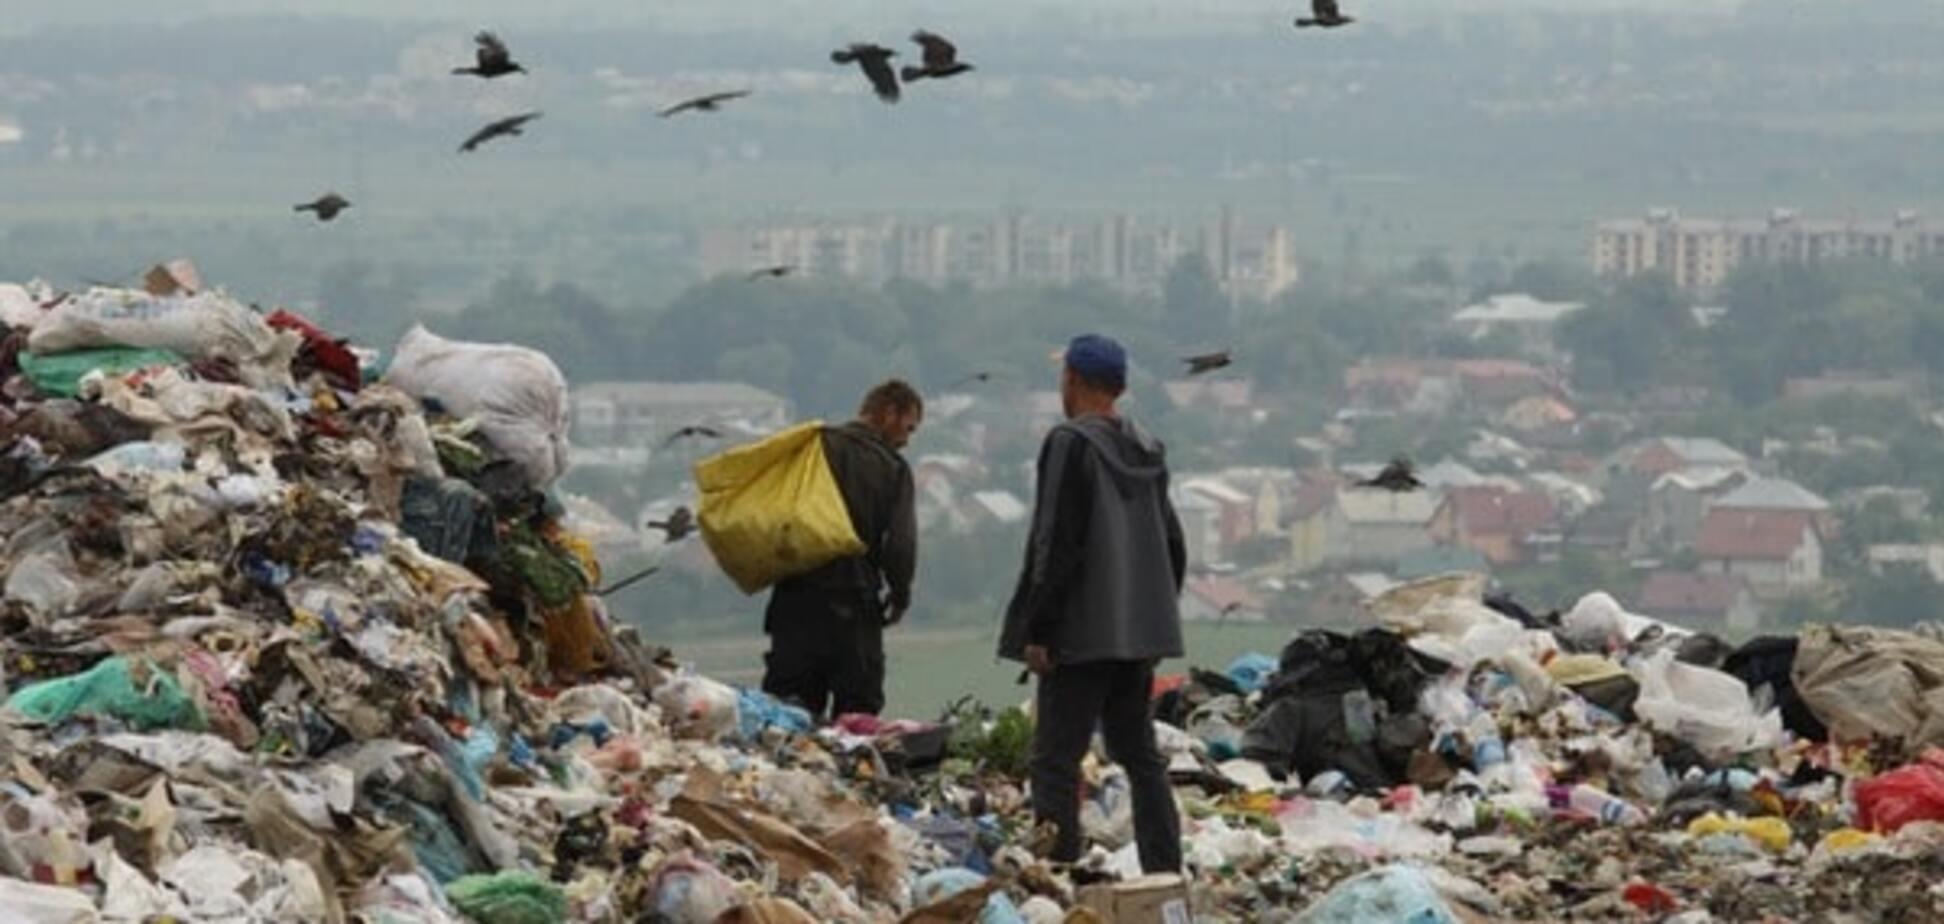 'У нас бізнес, не заважайте': трагедія на звалищі у Львові